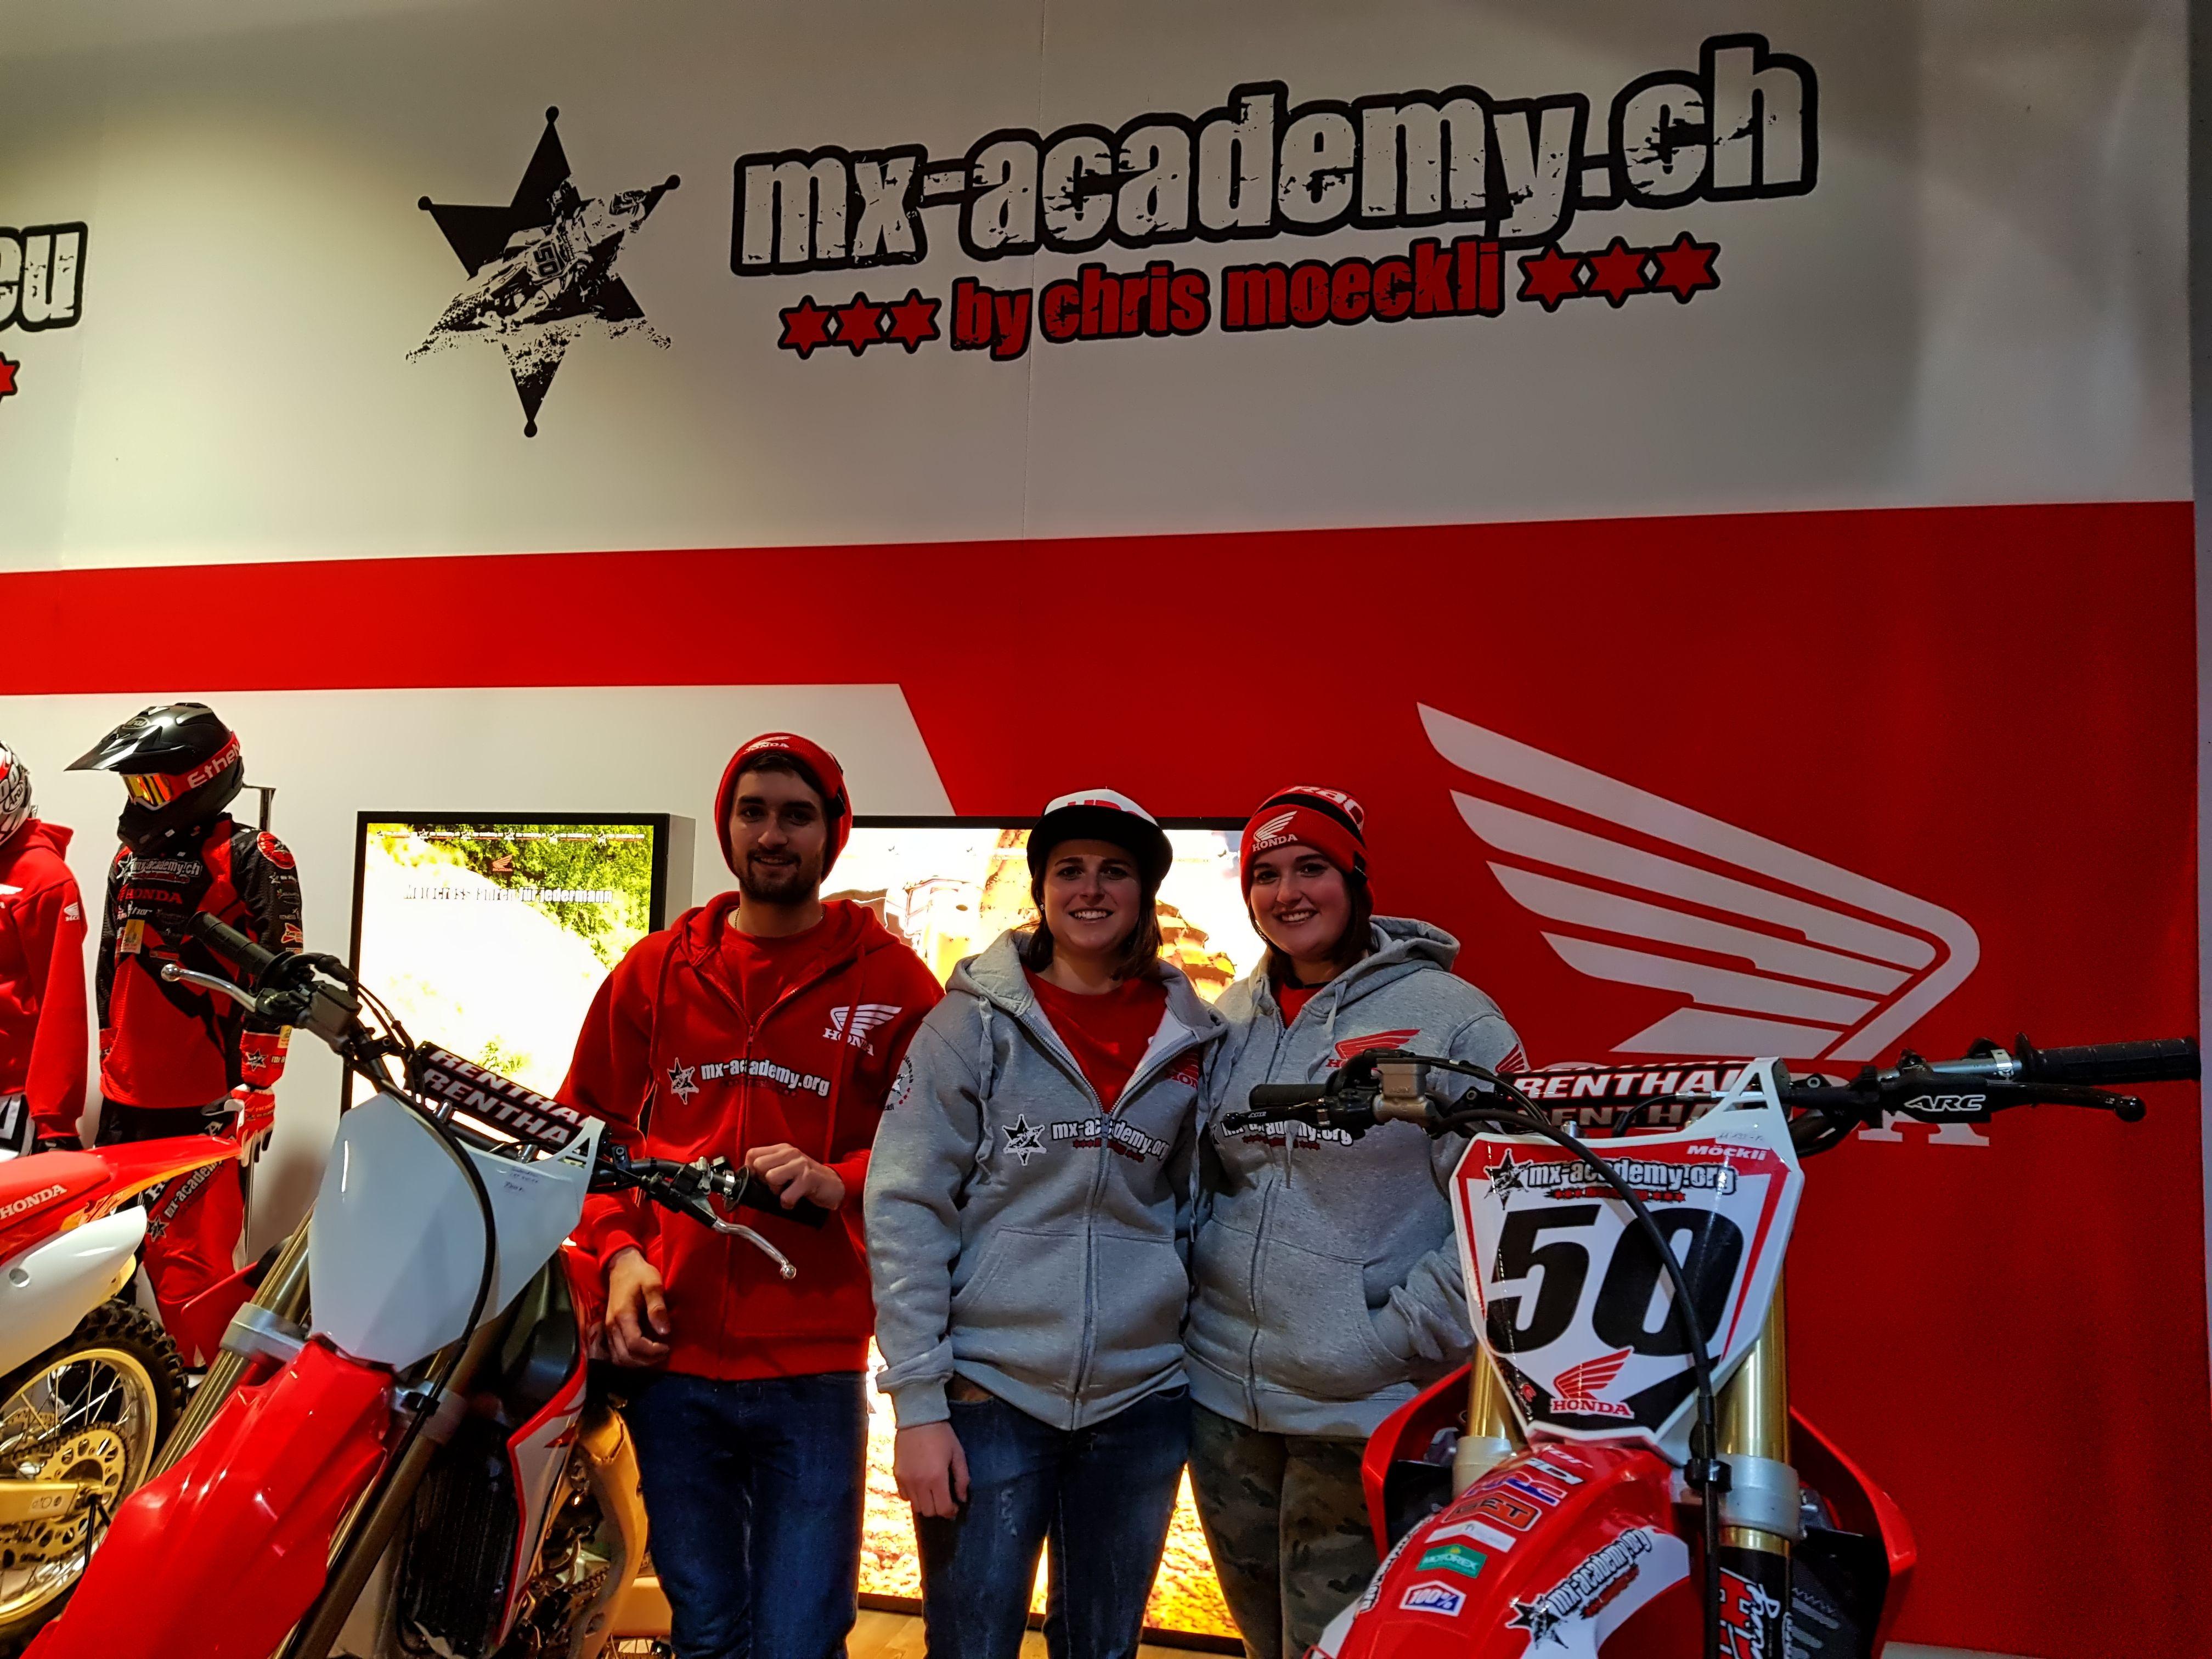 Wir Begrussen Ganz Herzlich Alle 3 Nachwuchsfahrer Aus Dem Team Schmitz In Der Mx Academy Honda Familie Honda Motocross Switzerla Honda Motocross Nachwuchs